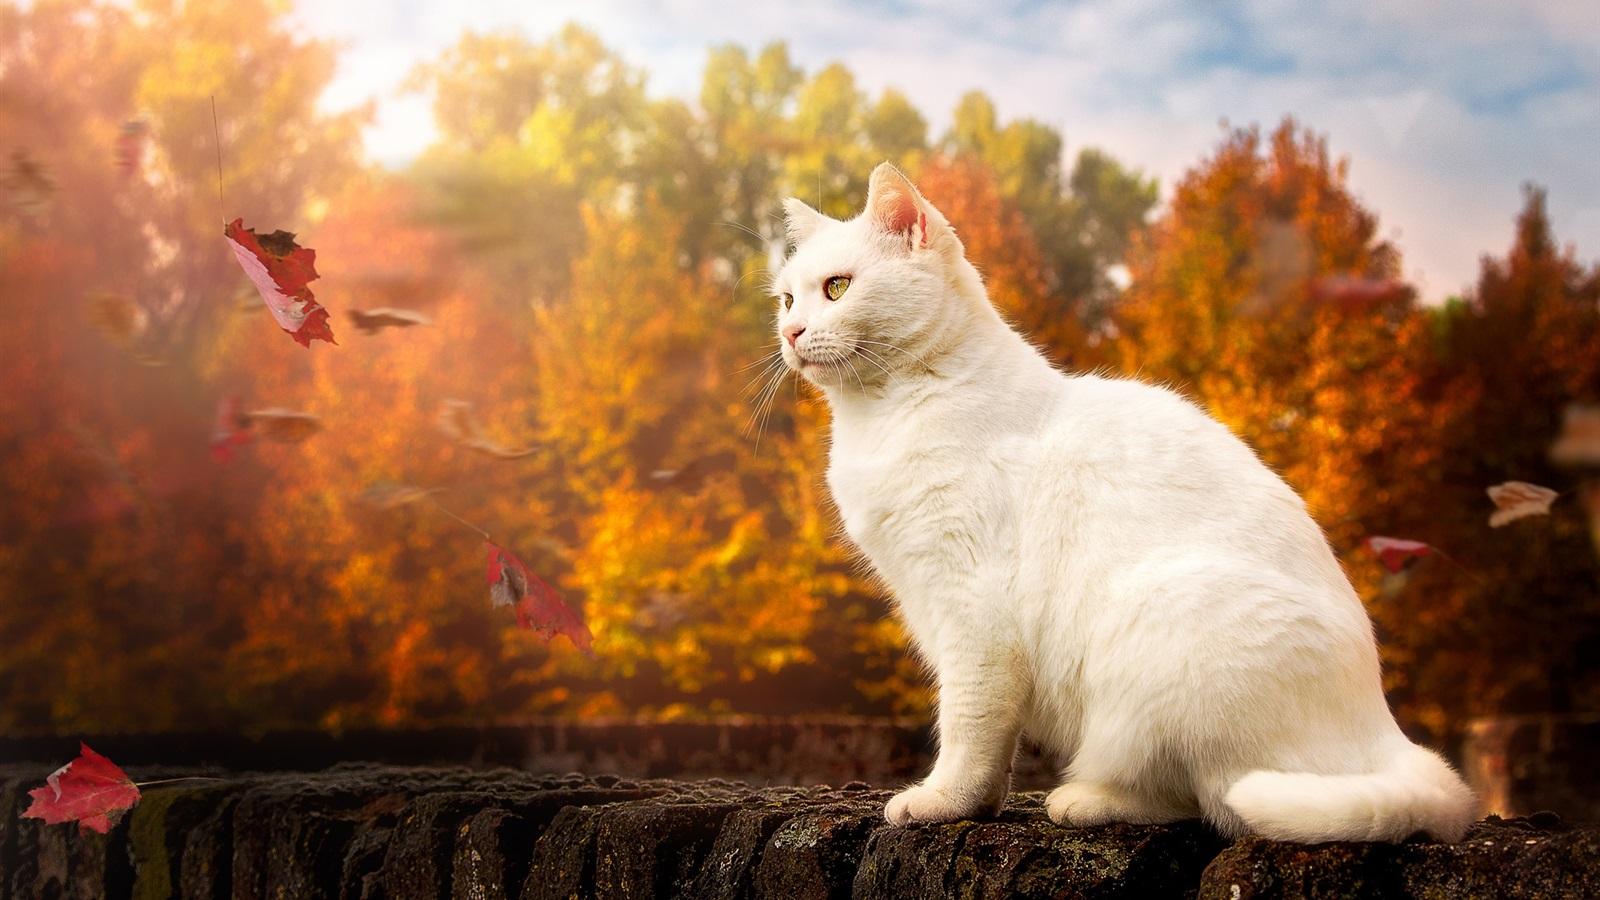 White cat, yellow eyes, autumn Wallpaper | 1600x900 ...